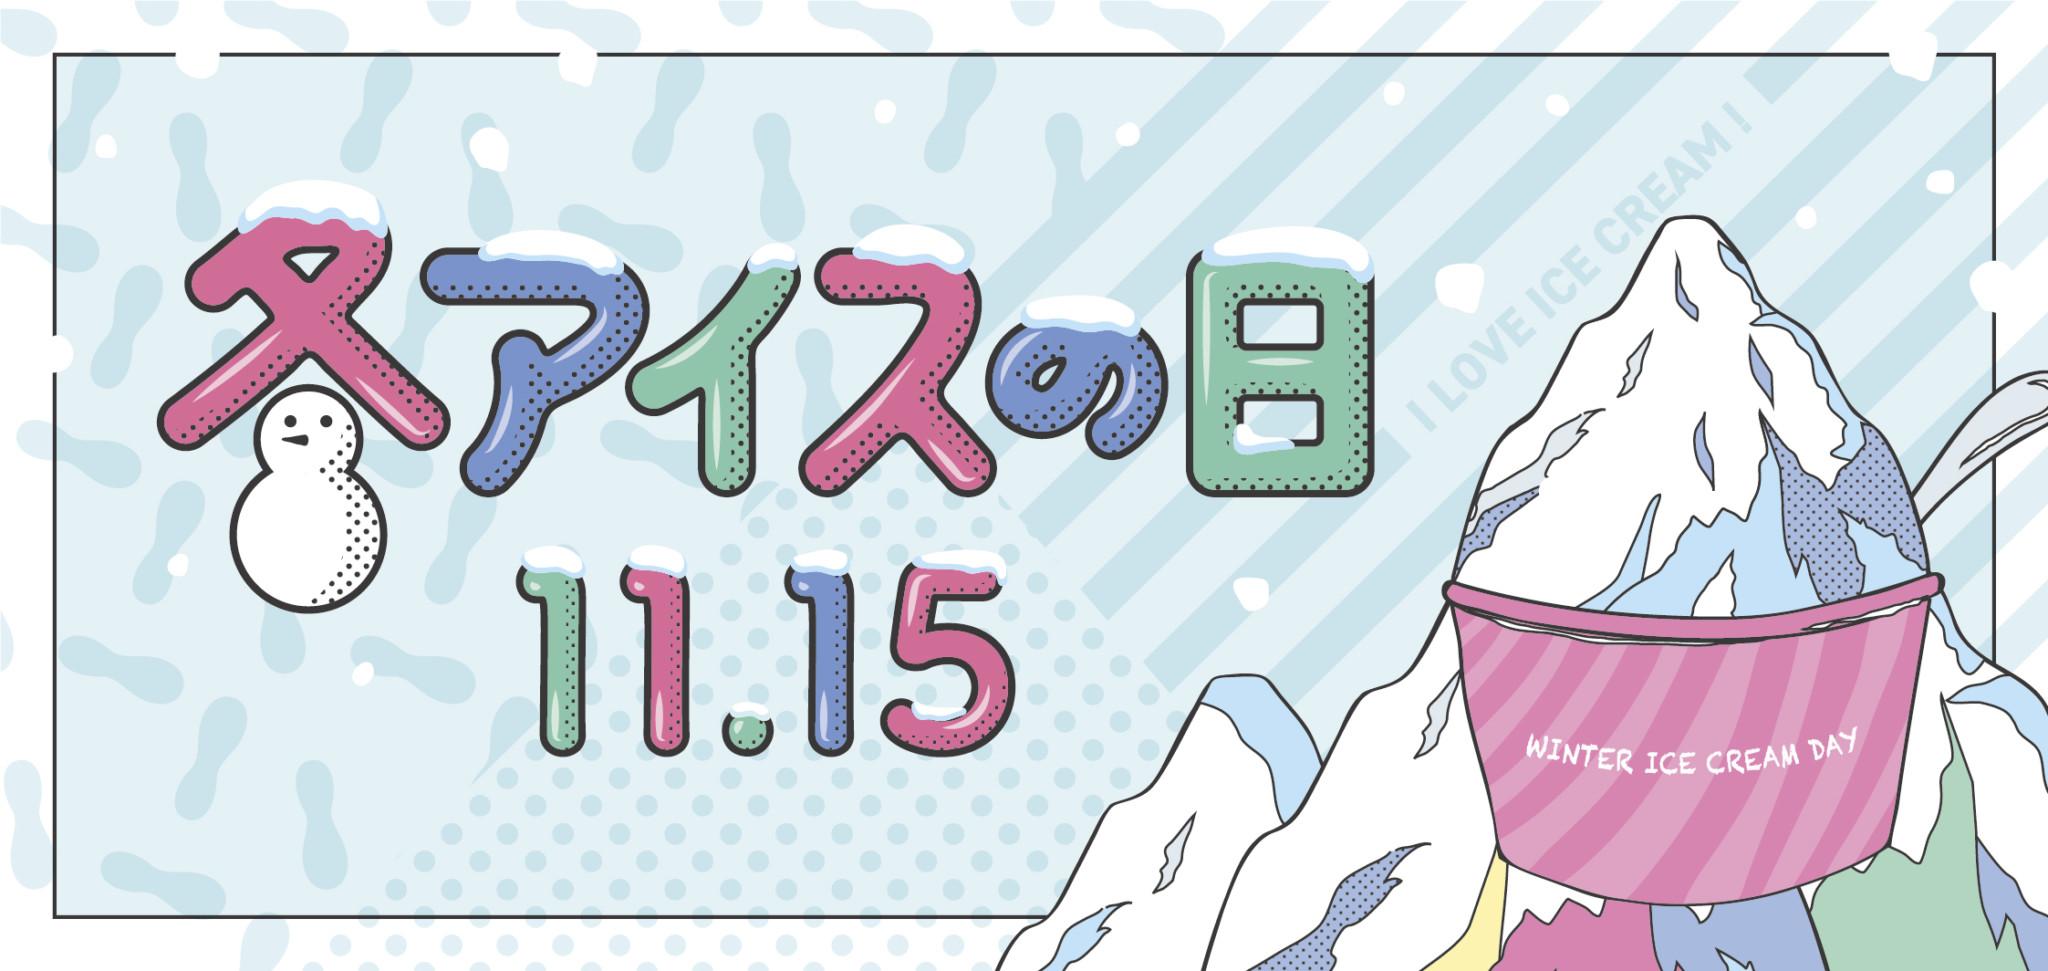 【11/15日】アイス好き集まれ〜♡!アイス6,000個を無料でもらえちゃうイベントって?!